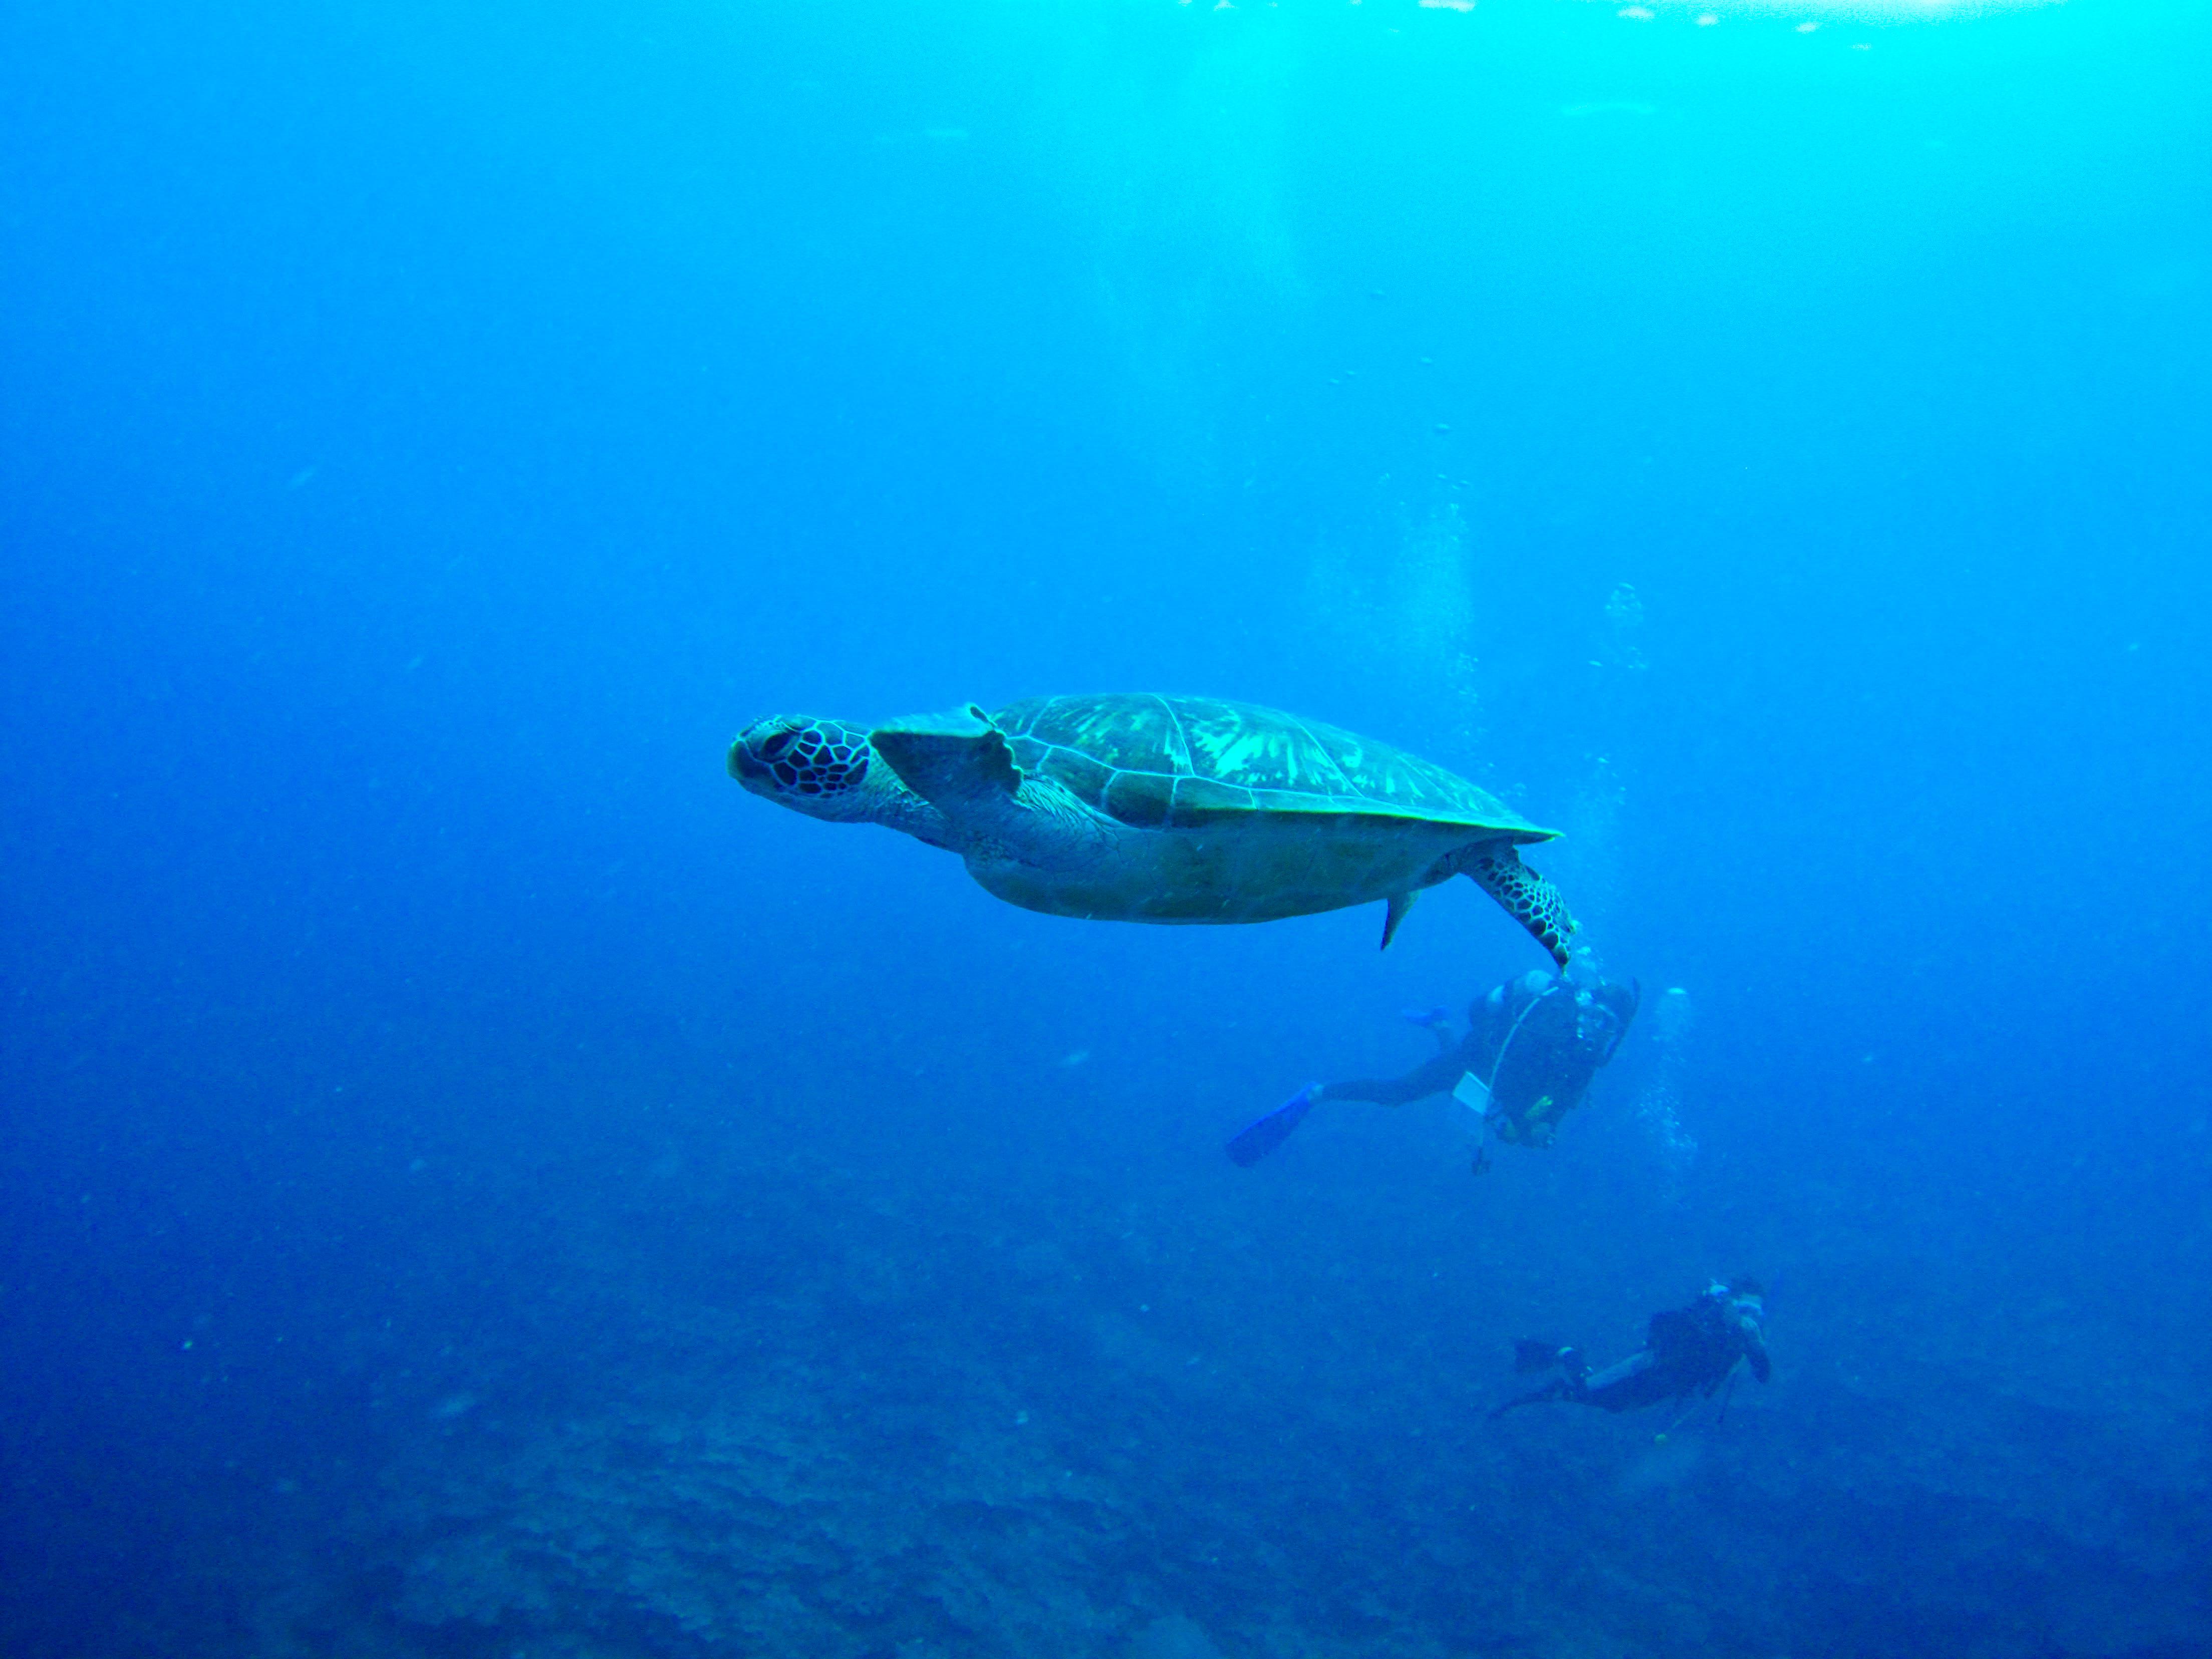 石垣島の絶滅危惧ウミガメを撮影